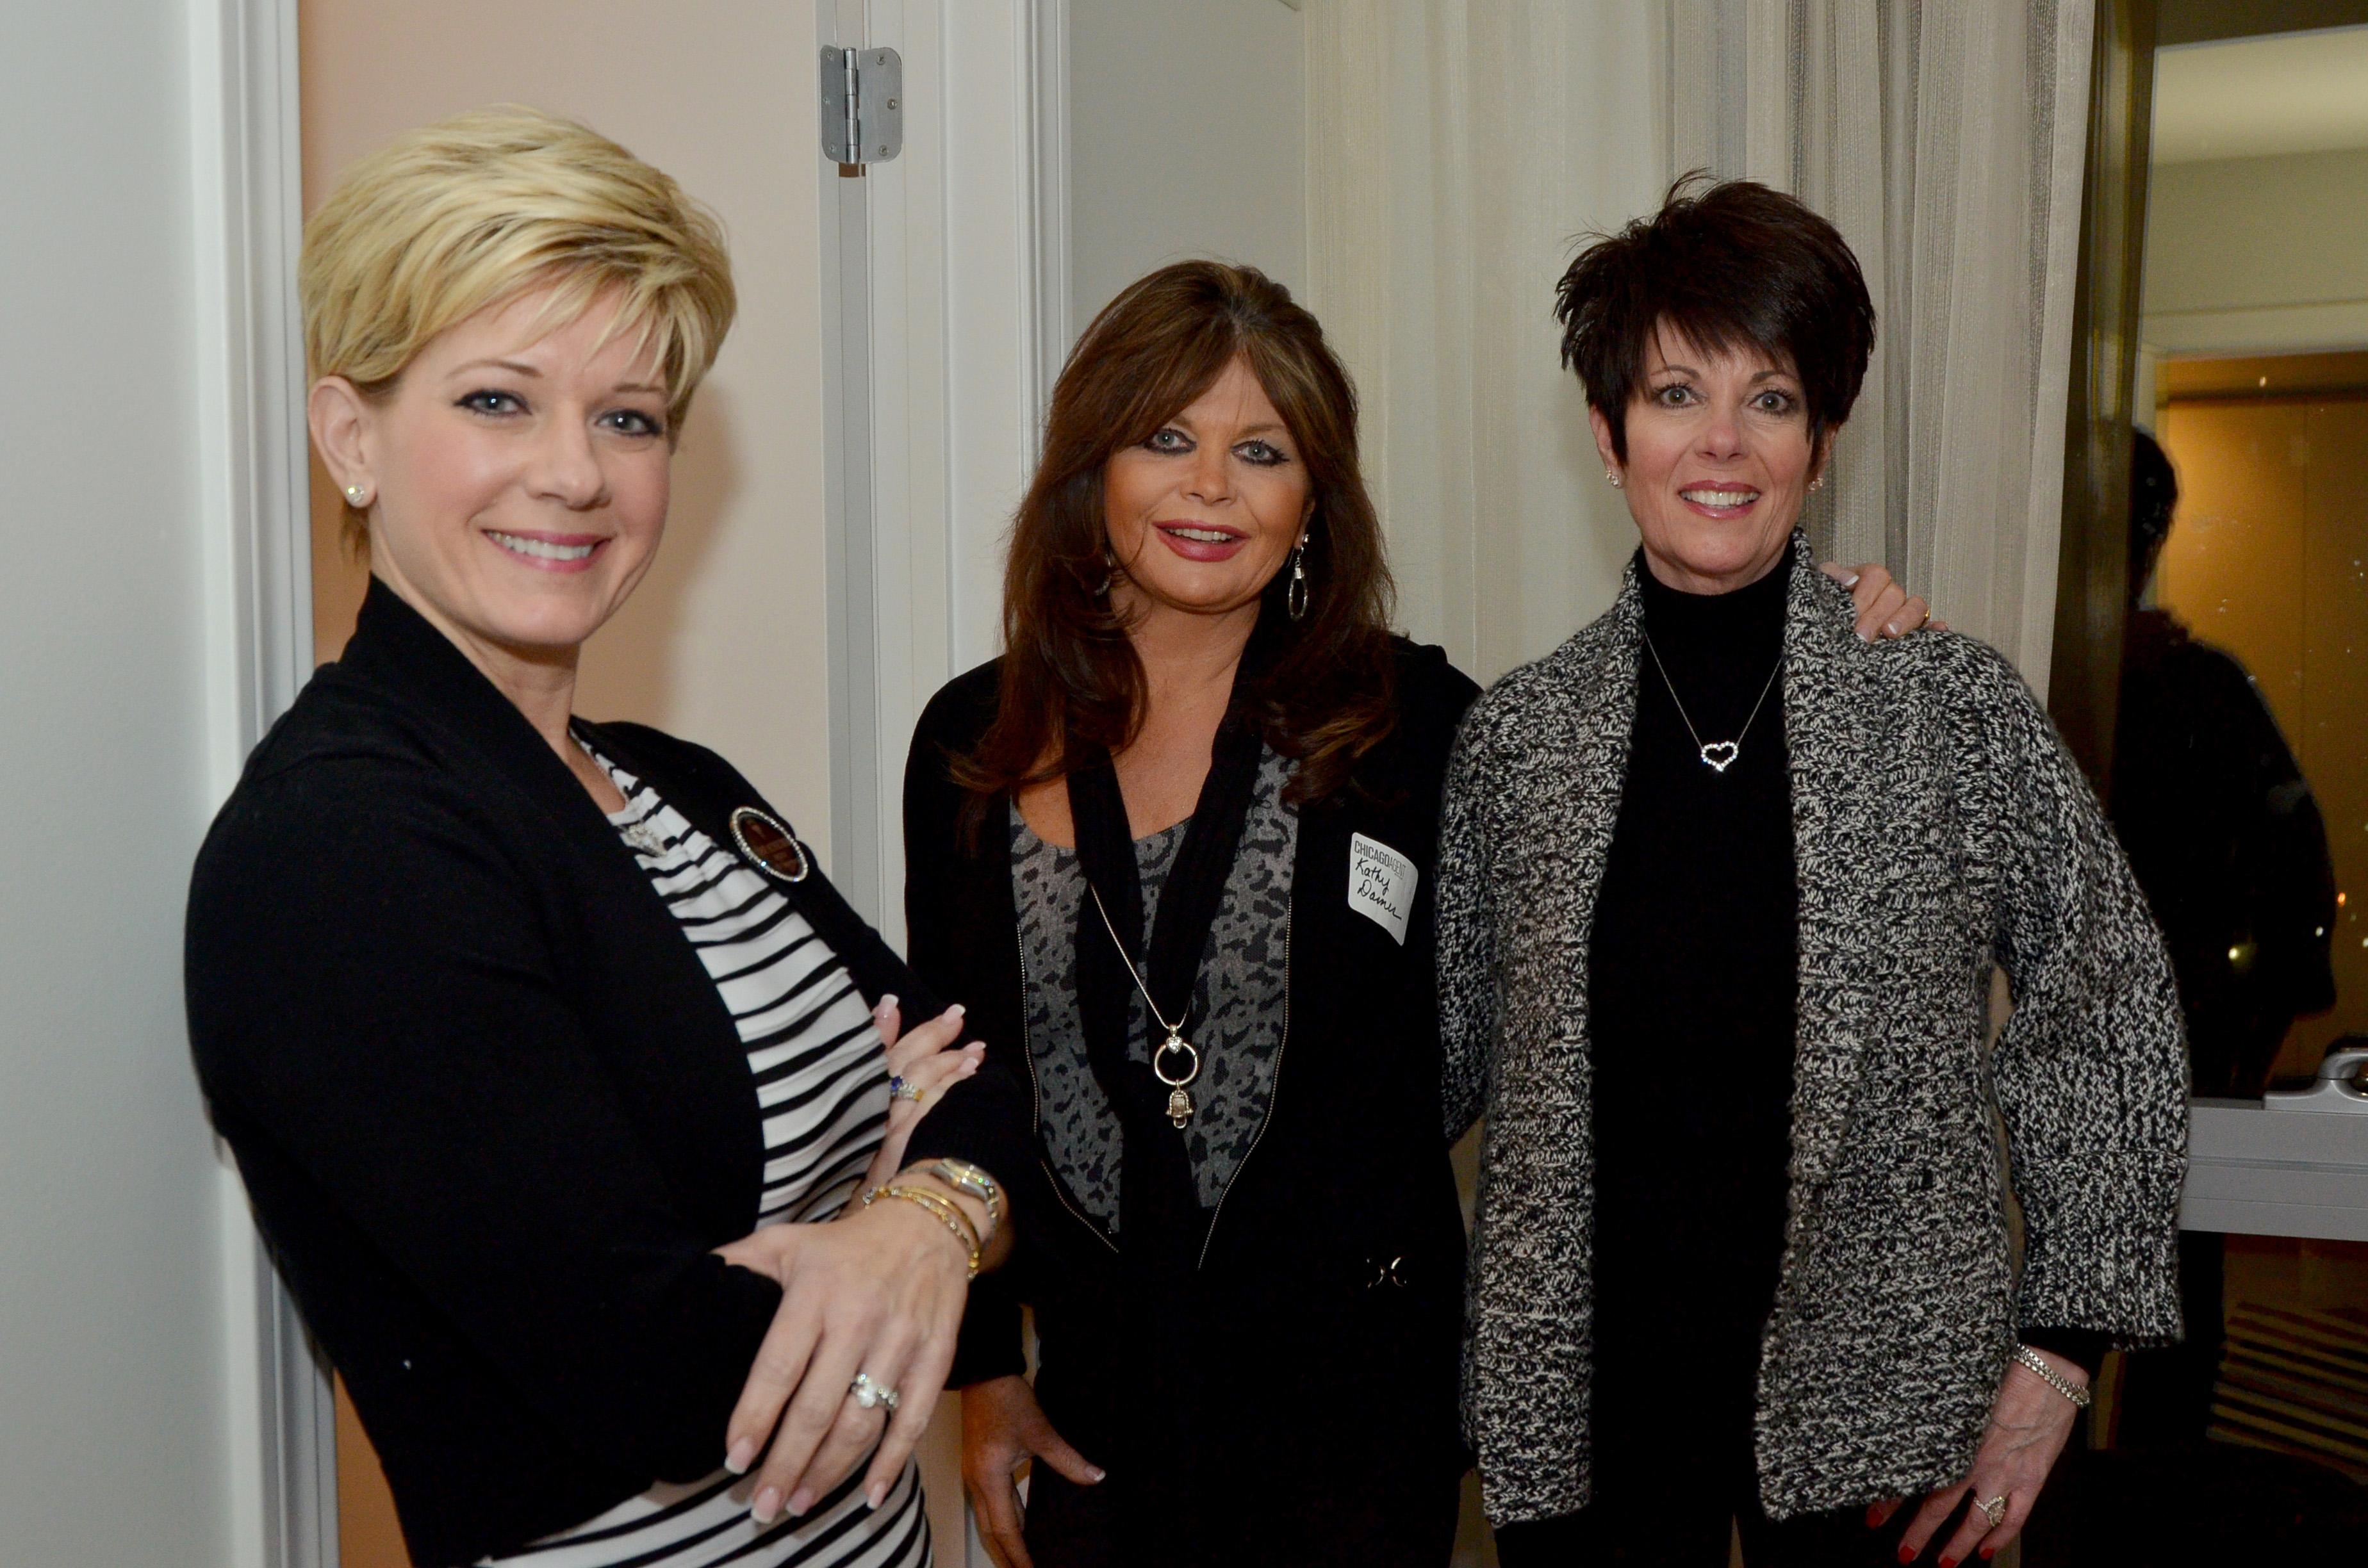 045-Susie-Seheuber-Kathy-Dames-Dawn-Dause-JPG.jpg